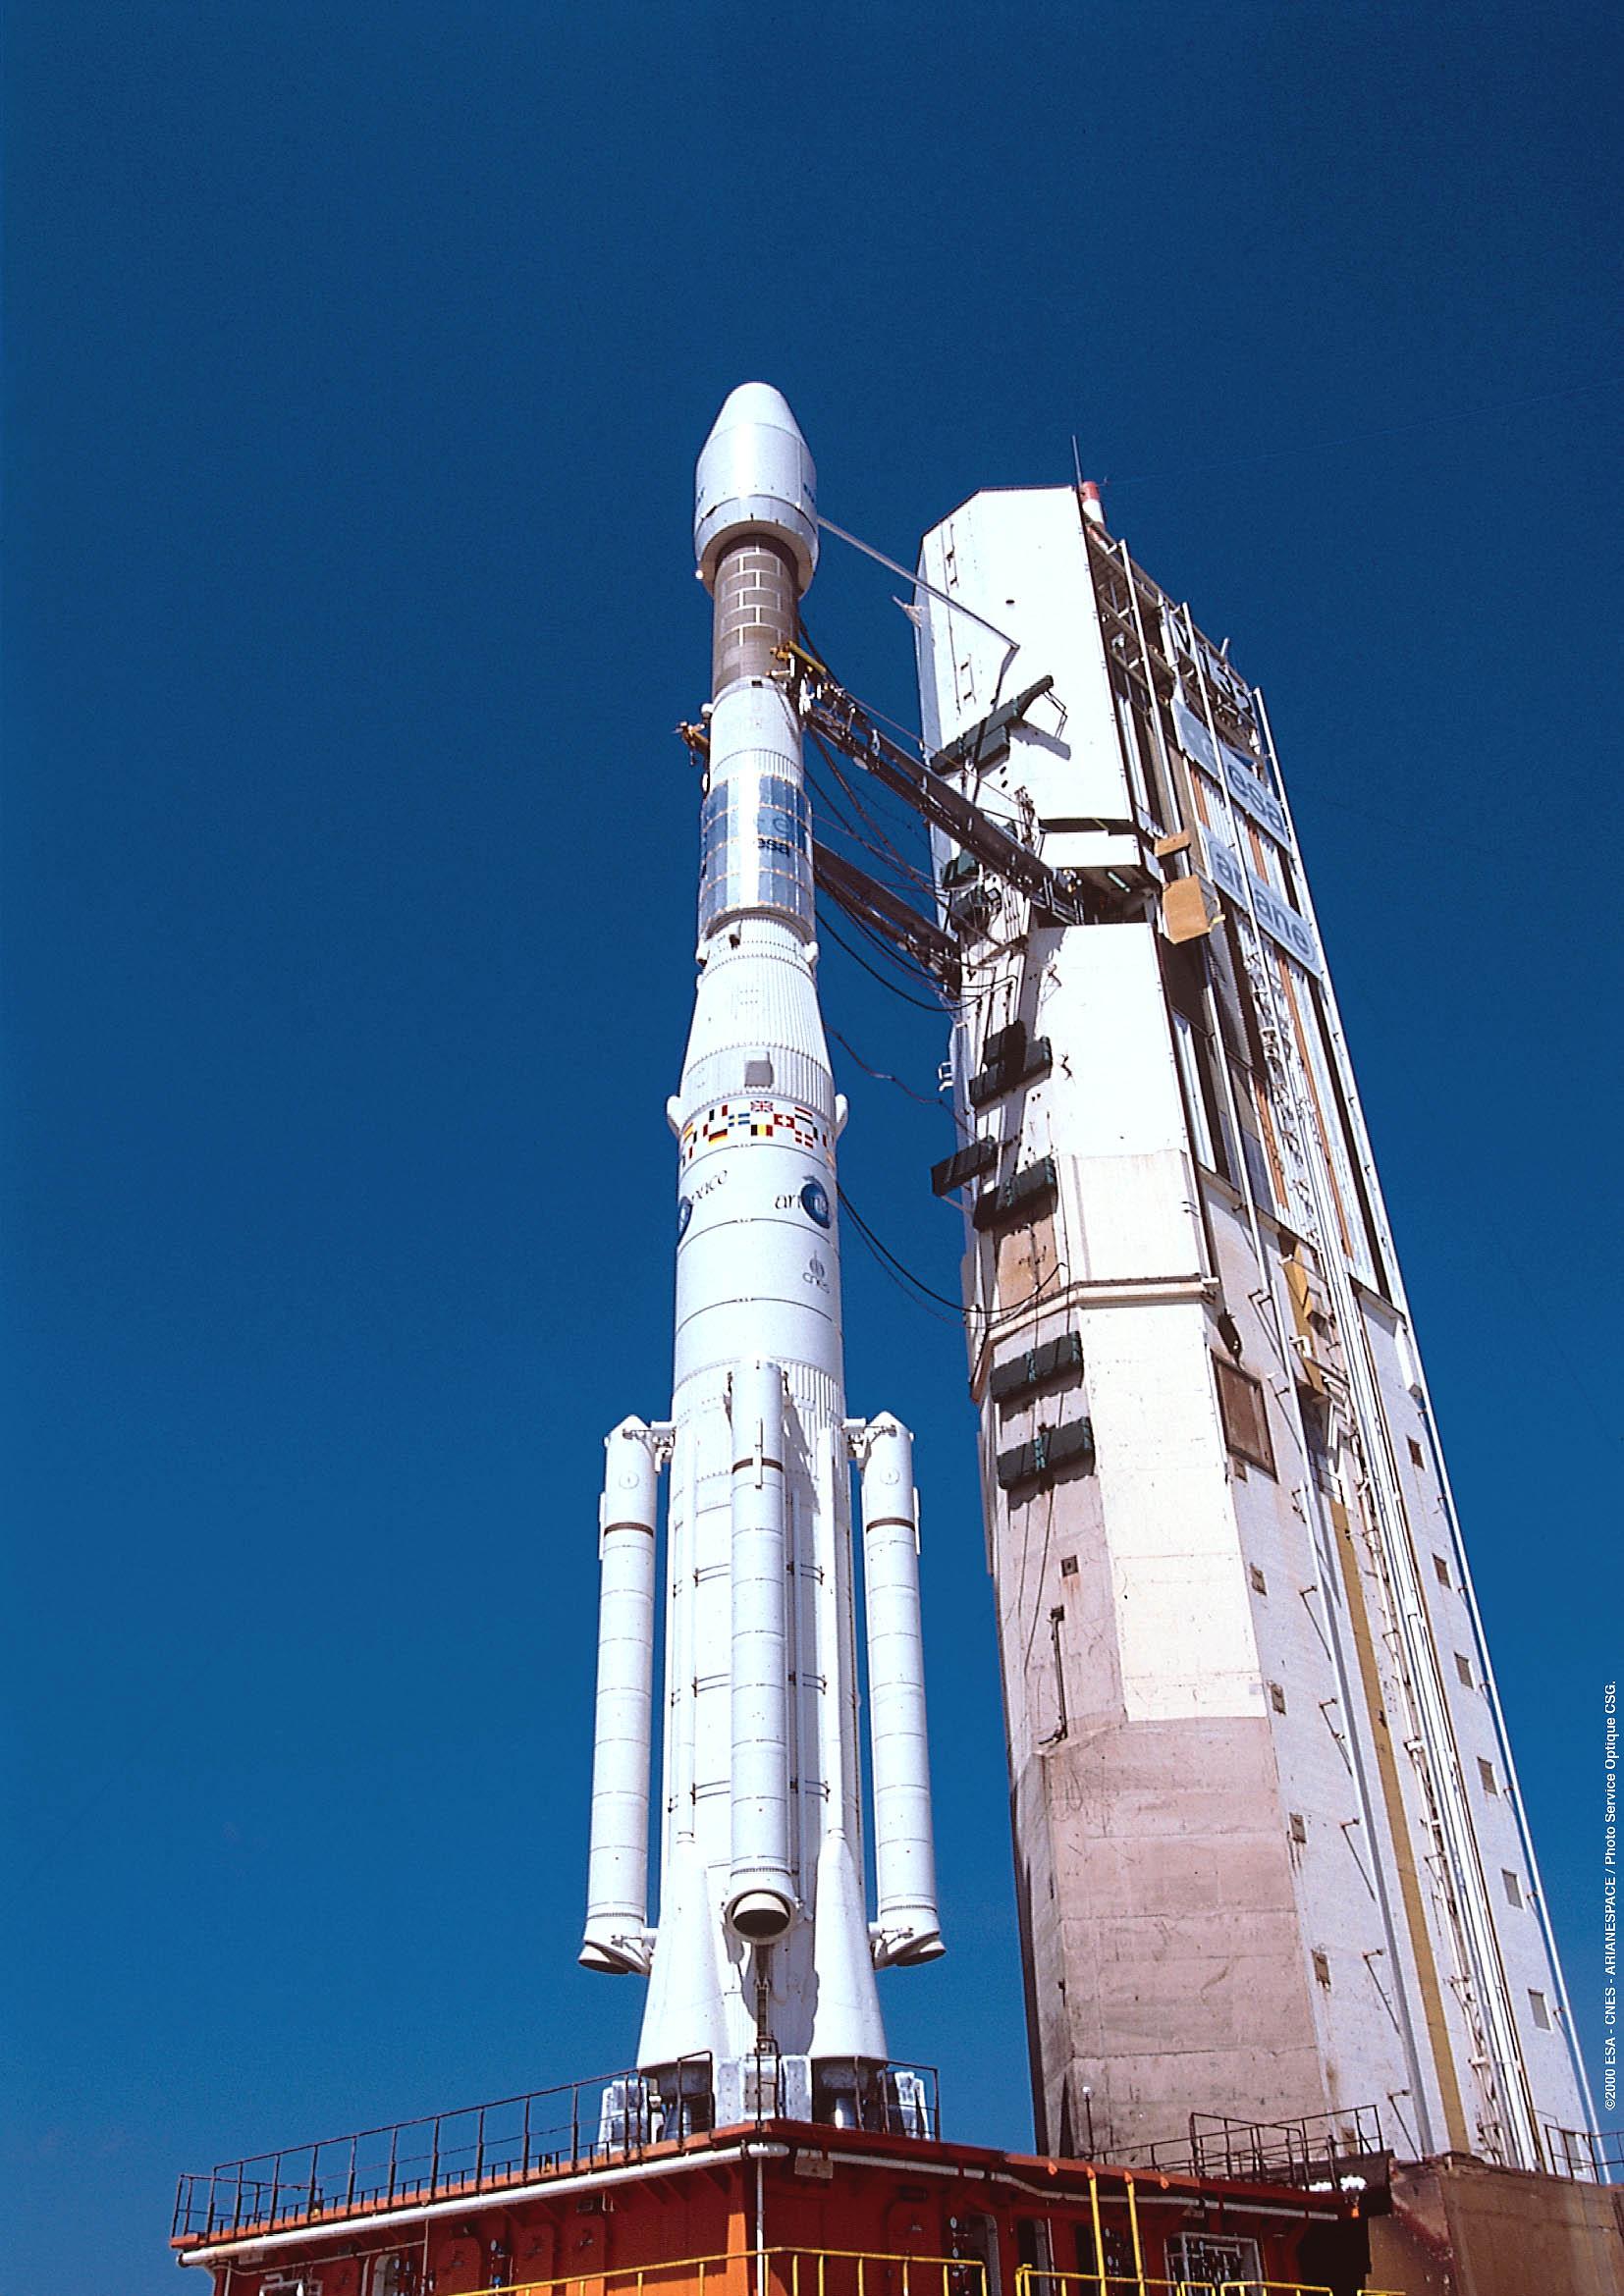 [SpaceX] Actualités et développements du vaisseau Dragon - Page 9 Ariane-44P_on_launch_pad%5B1%5D